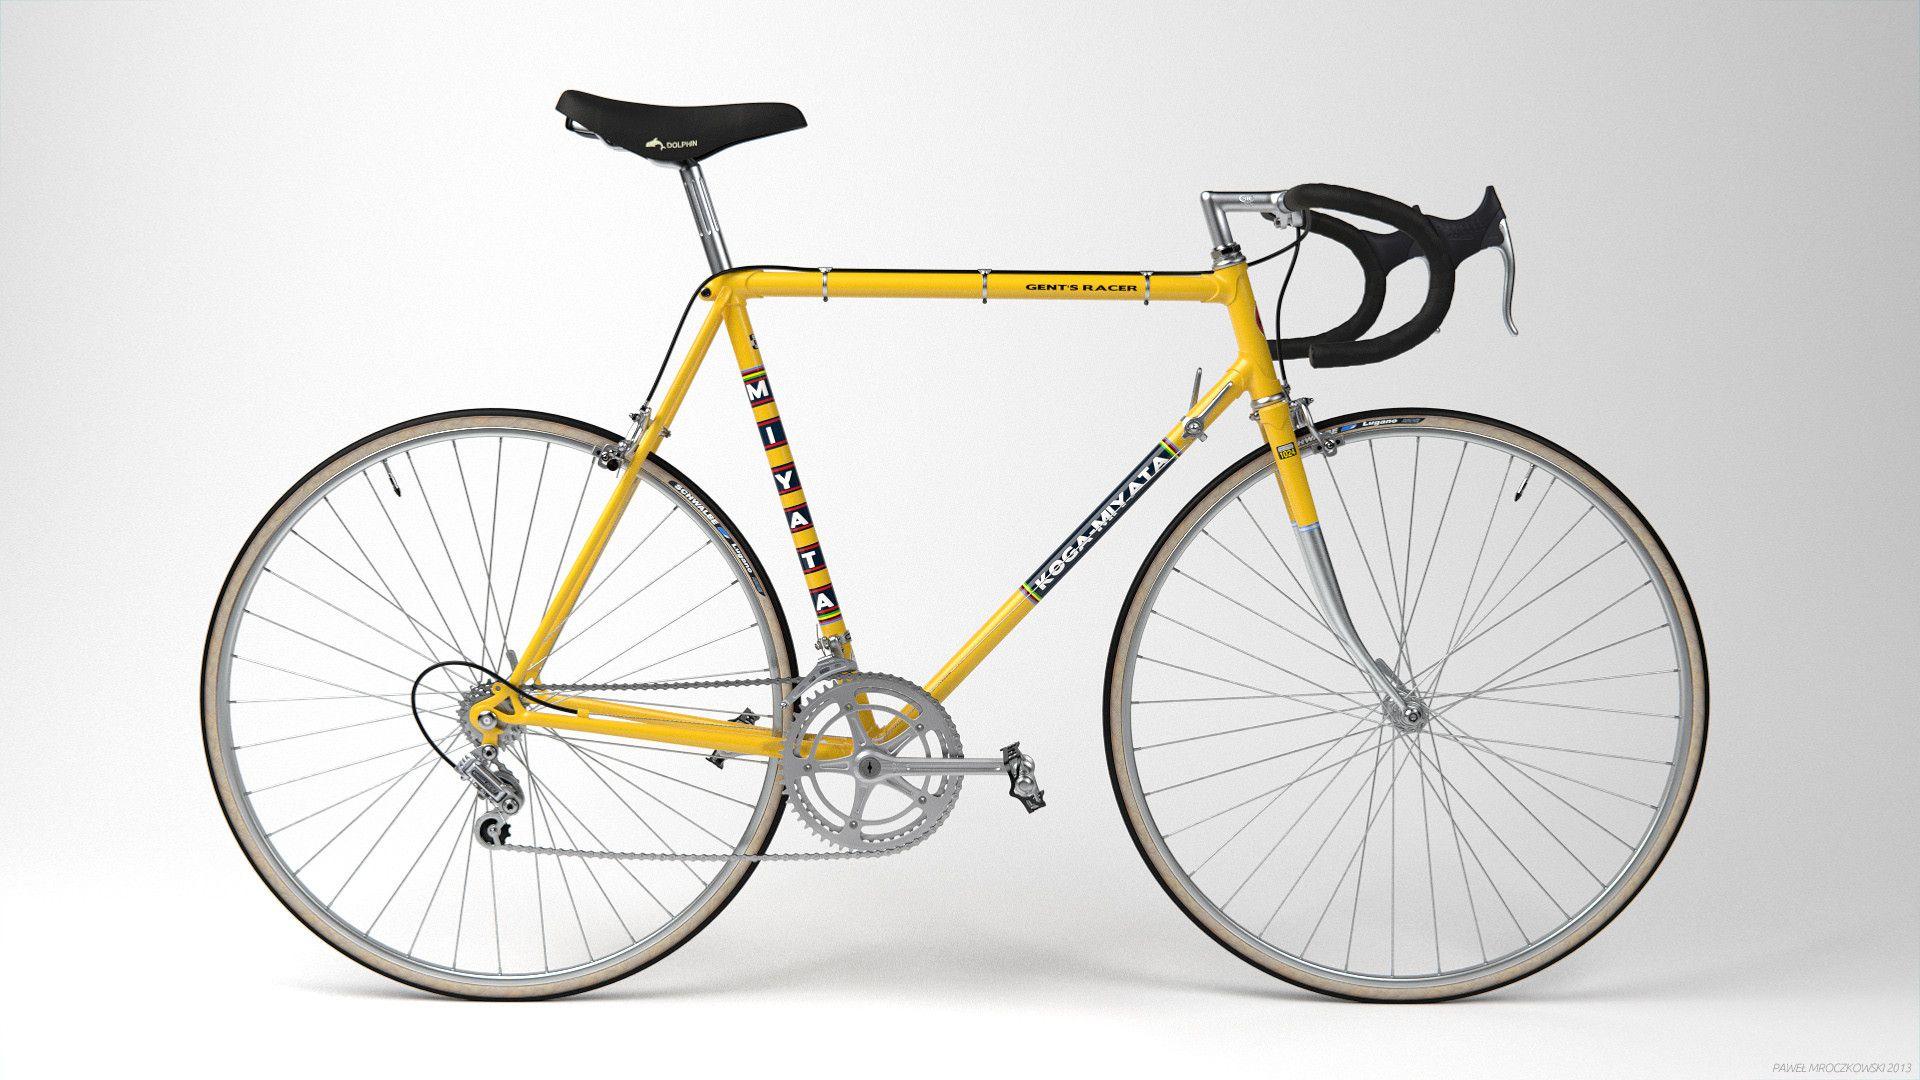 Road Bicycle Wallpaper Google Kereses Retro Road Bike